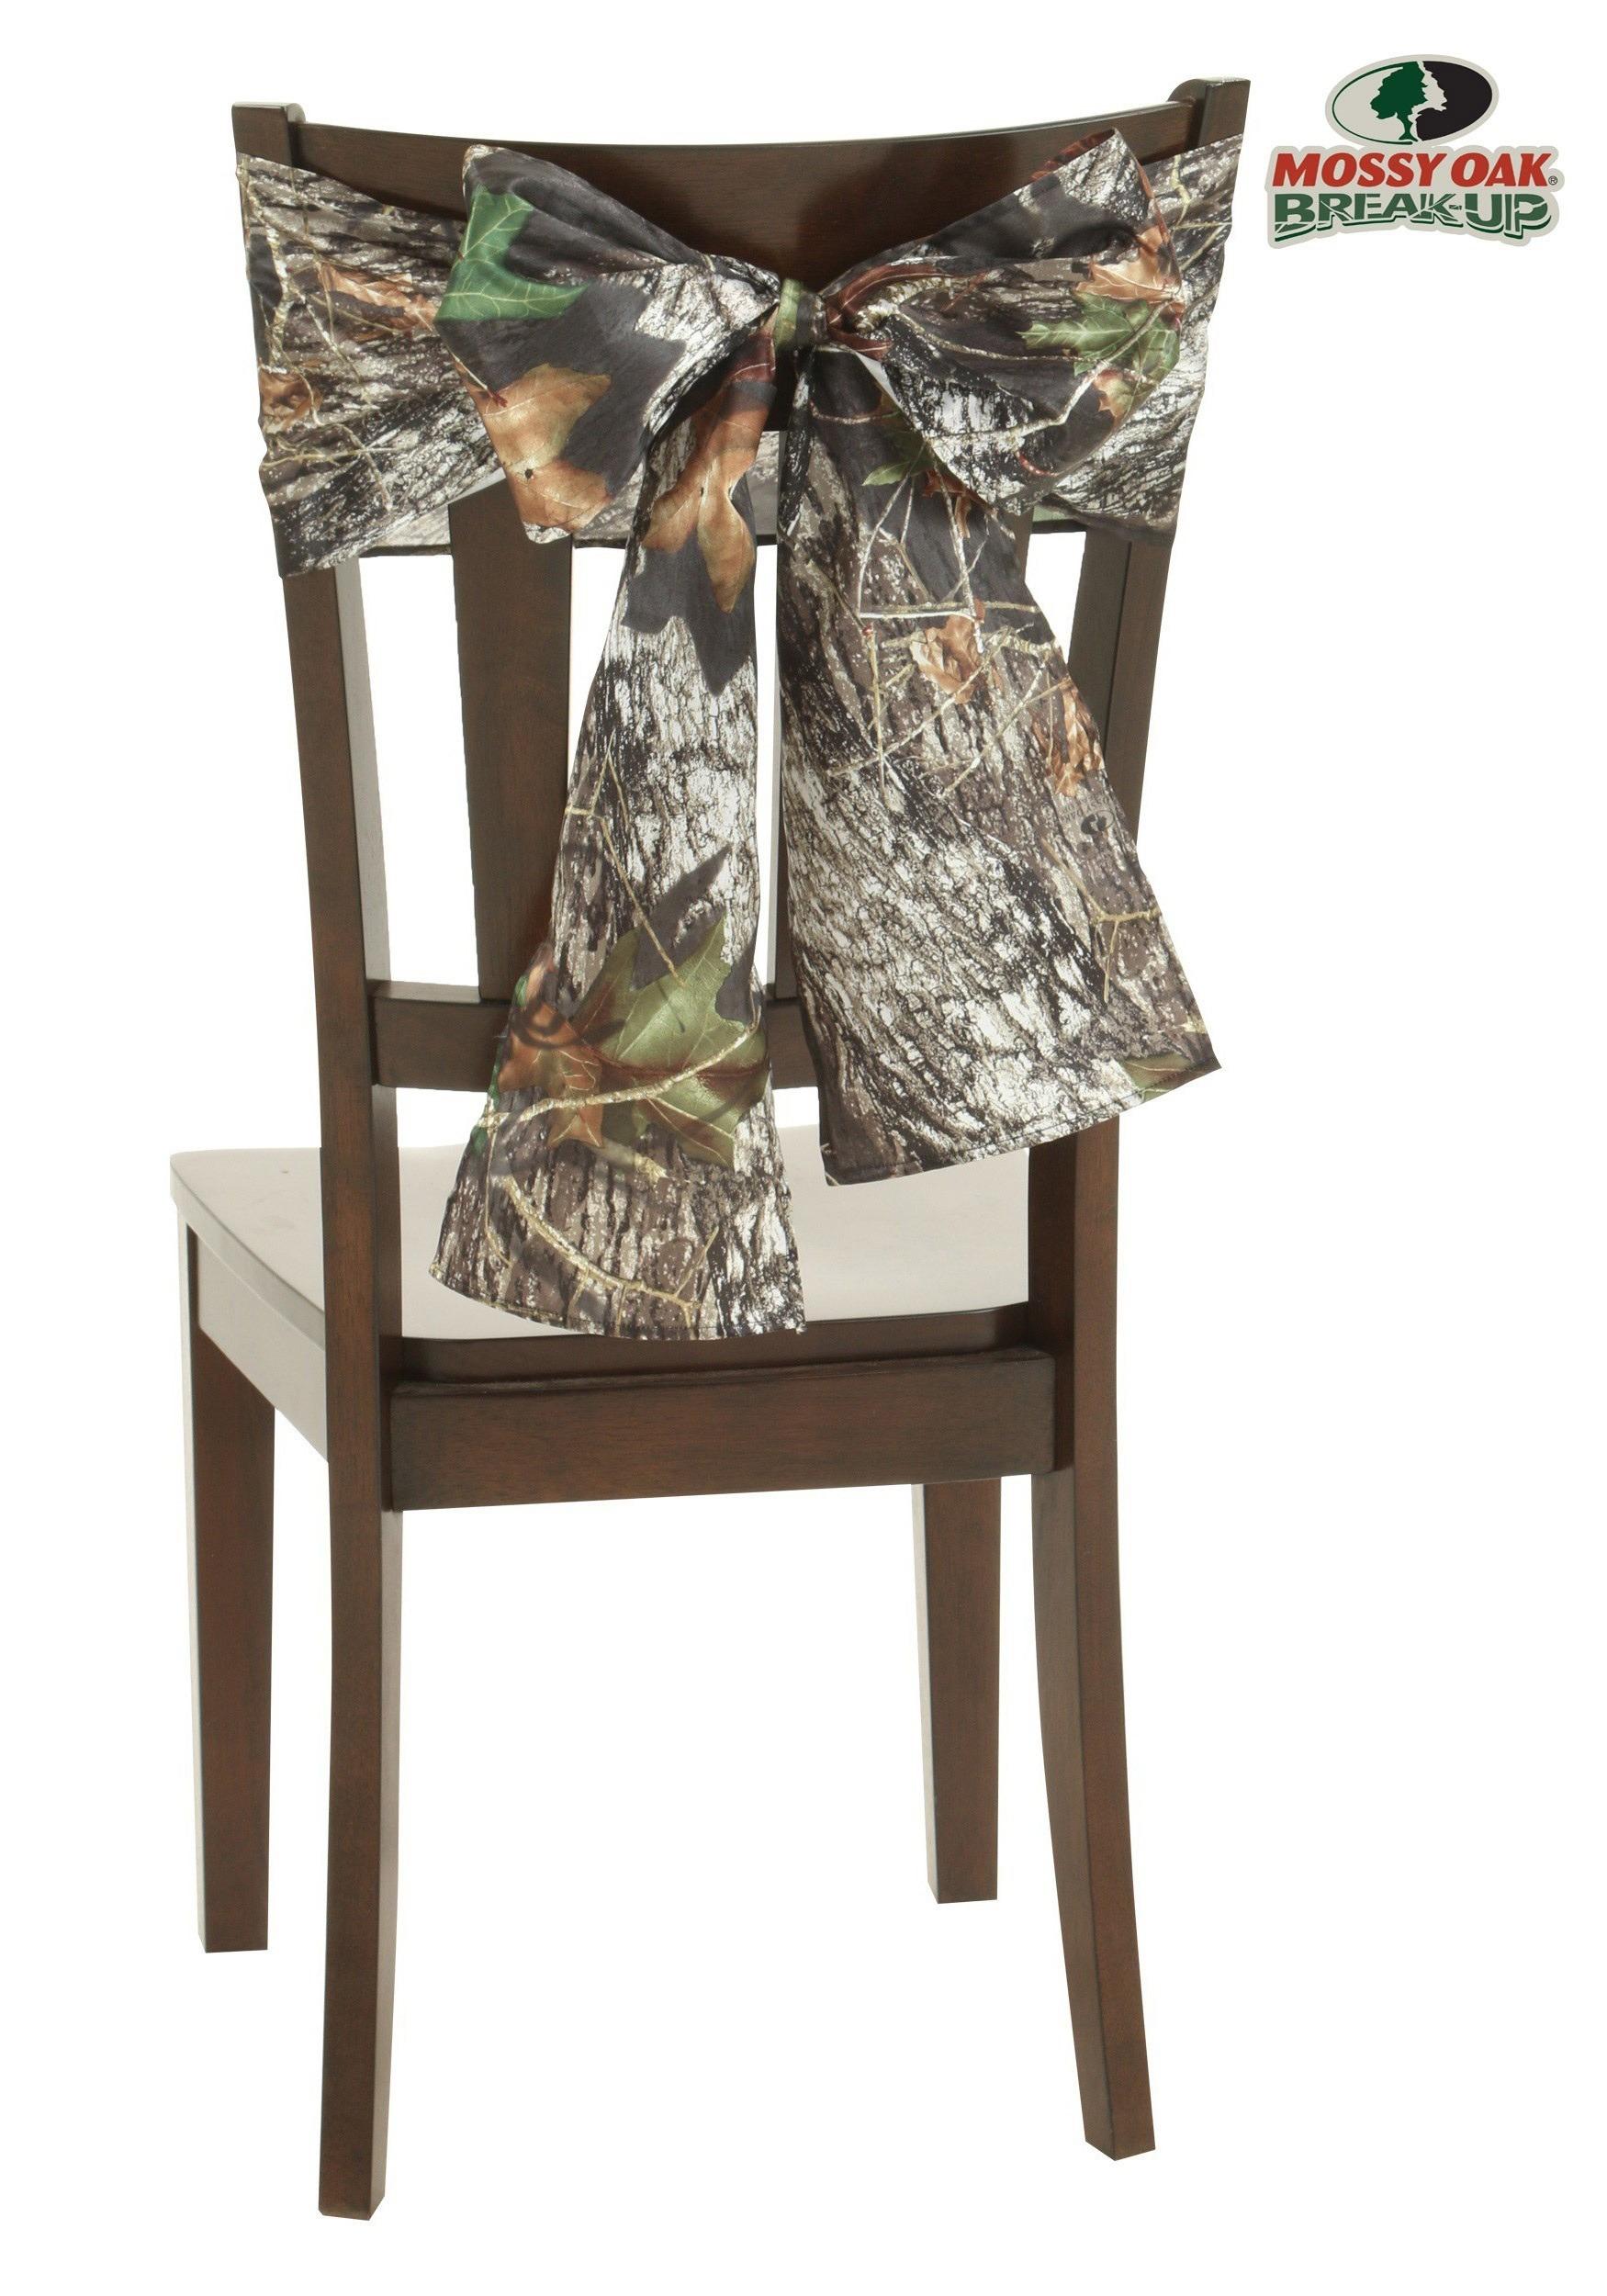 Mossy Oak Camo Chair Tie